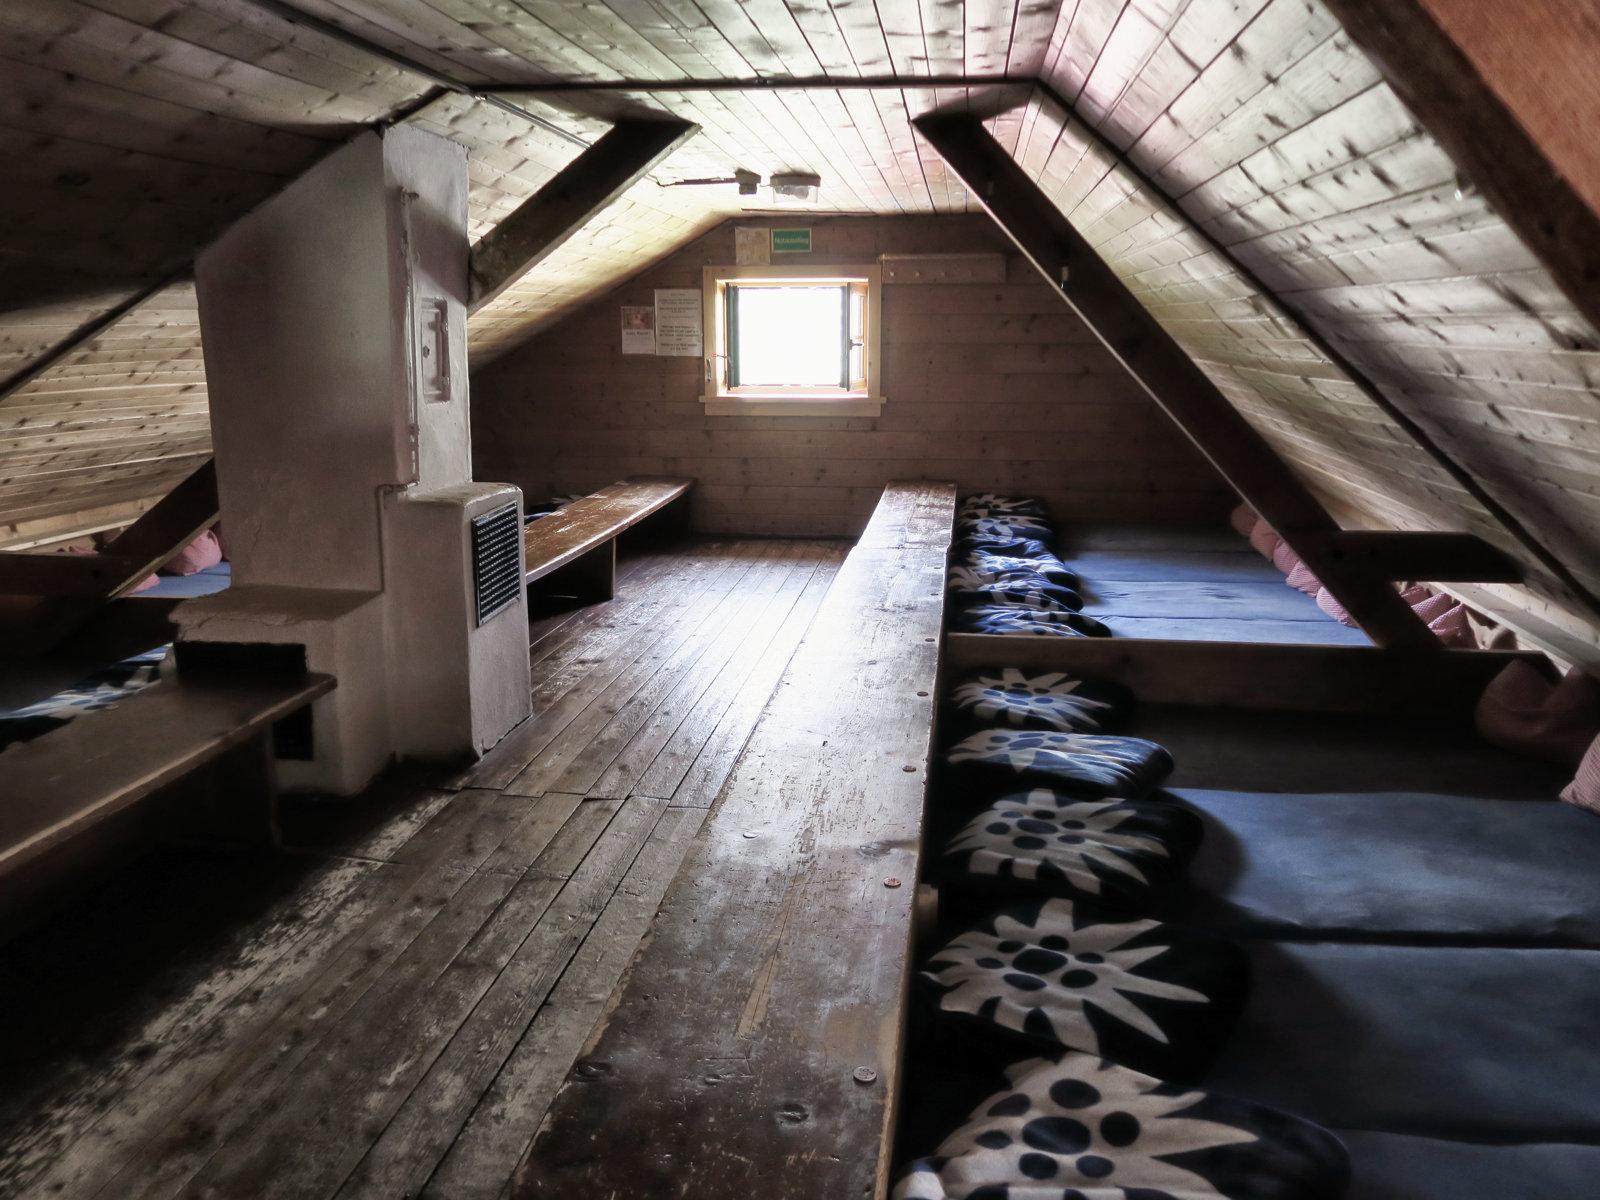 Mein Schlaflager im Prinz-Luitpold-Haus